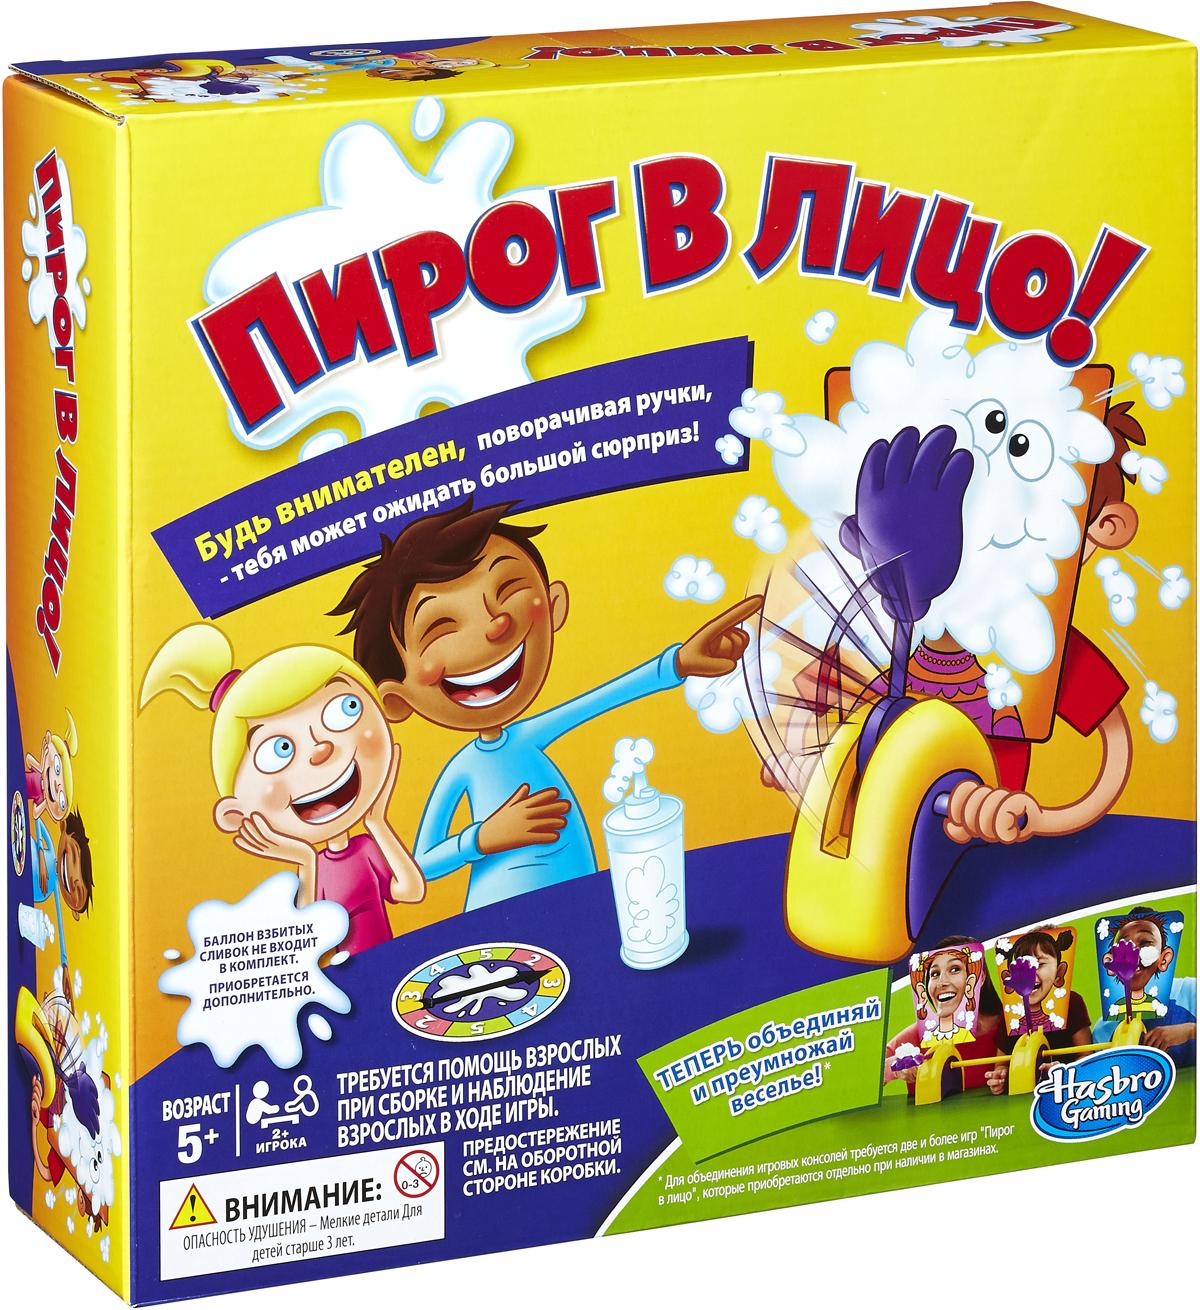 Детский мир игры